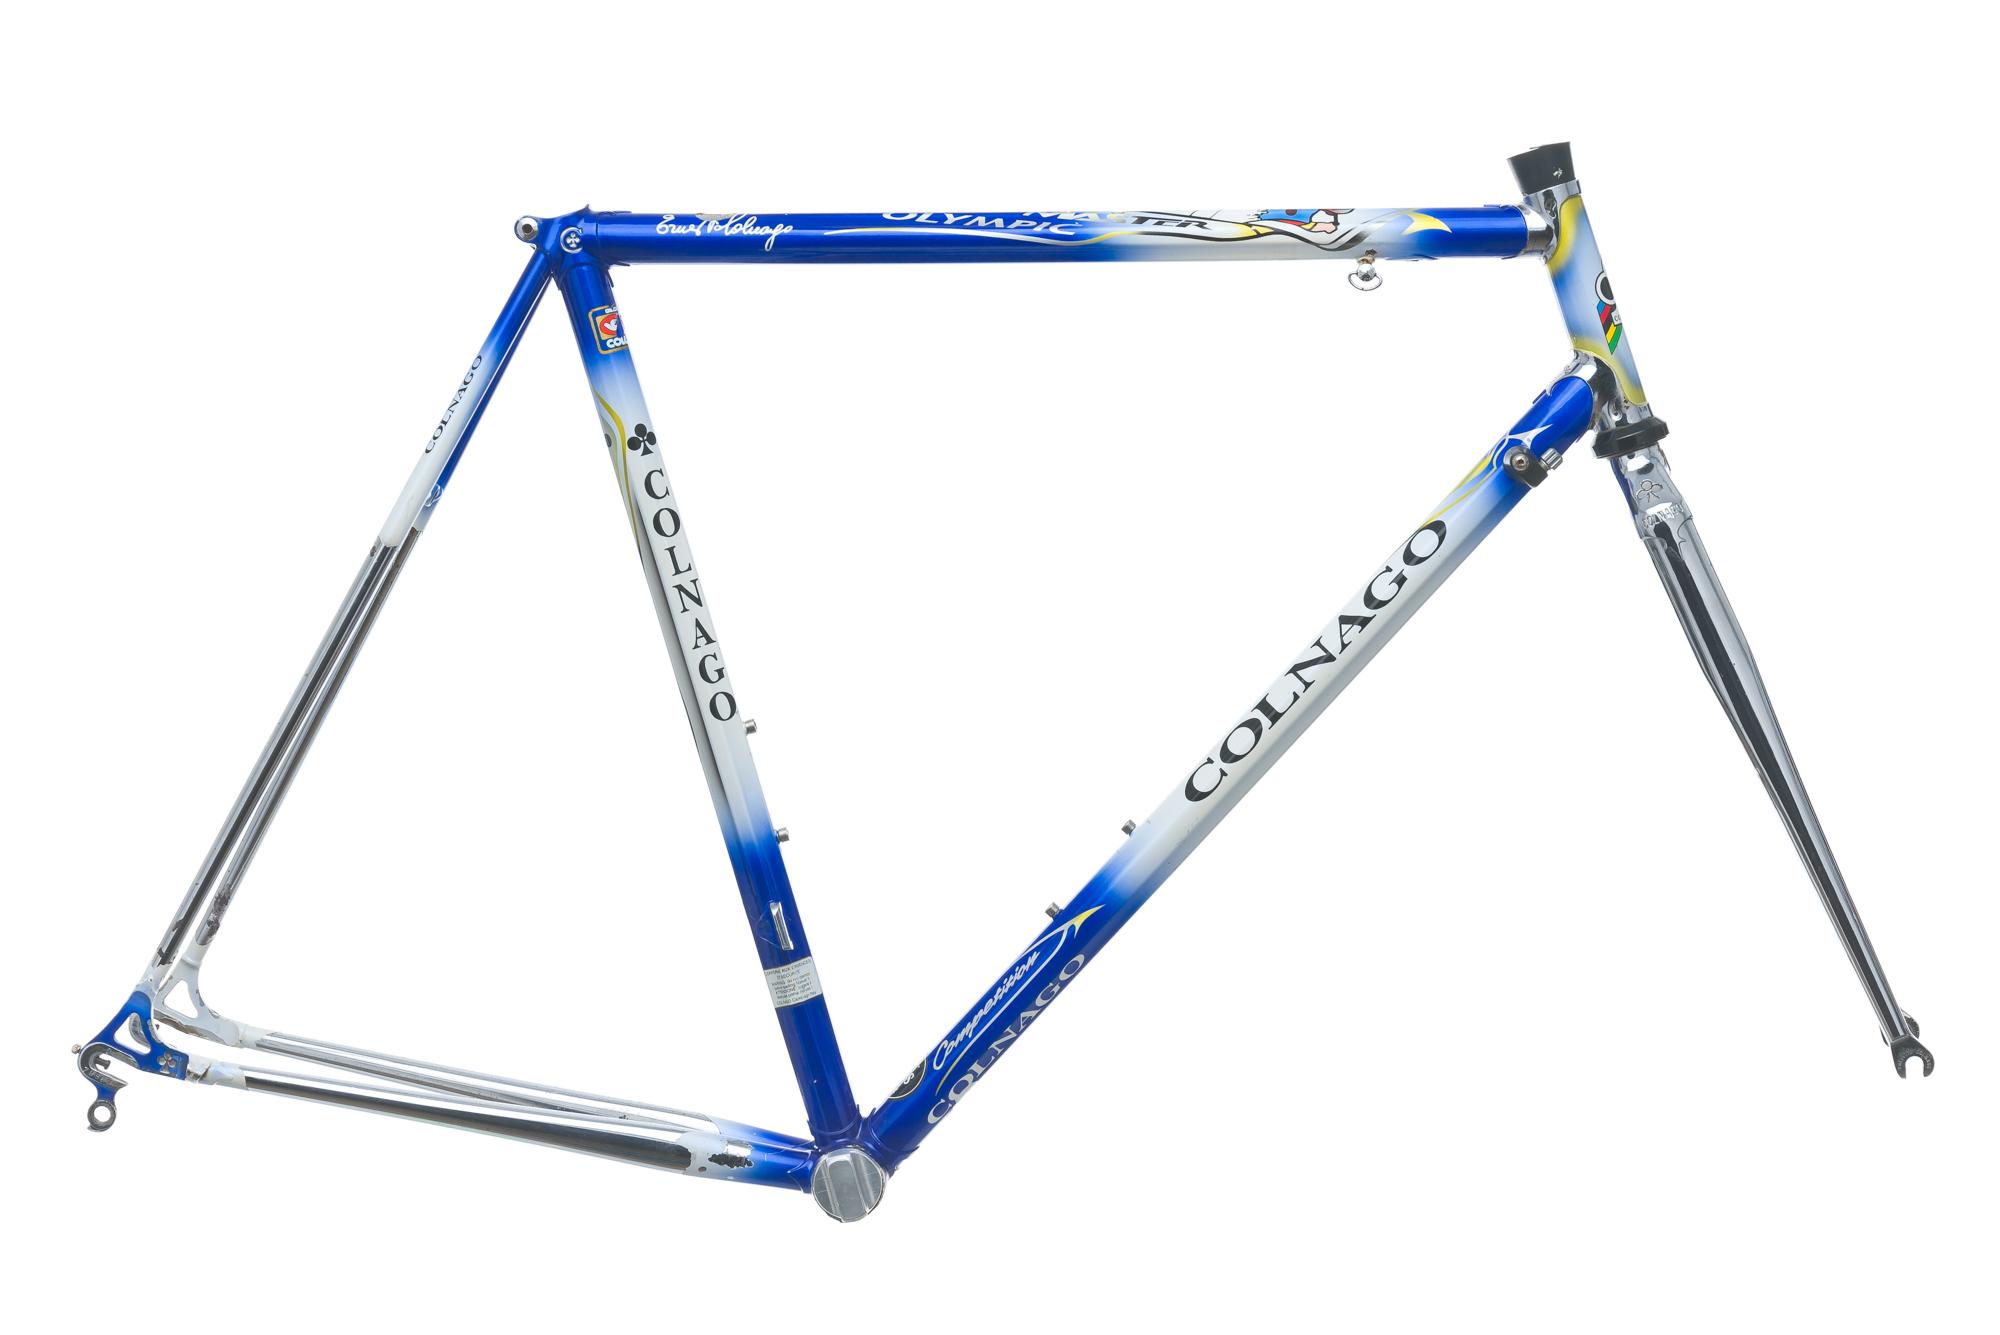 Vintage Colnago Master Olympic Competition Road Bike Frame Set 55cm ...